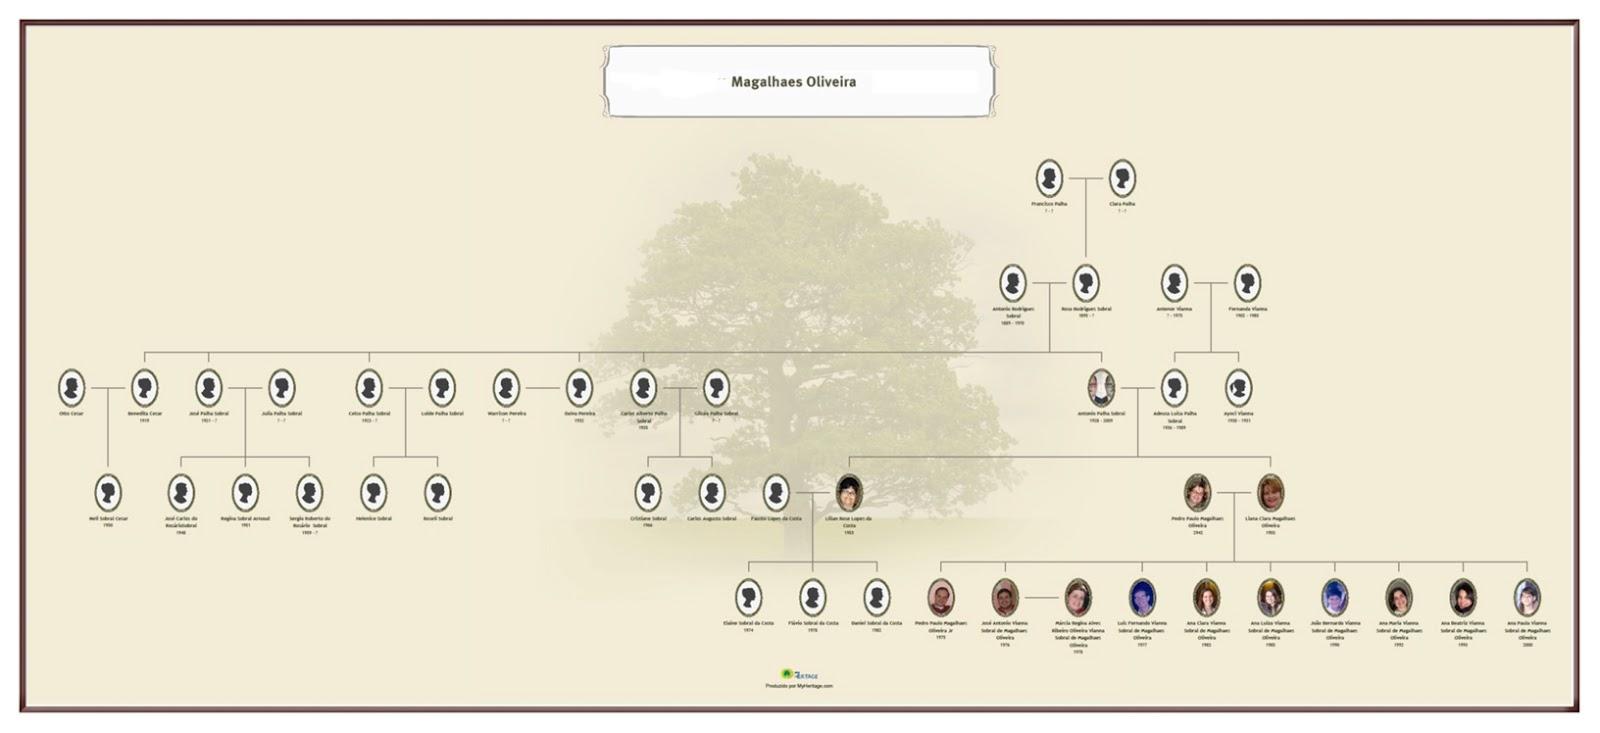 Fabuloso Negócios de Família: Árvore Genealógica WD48